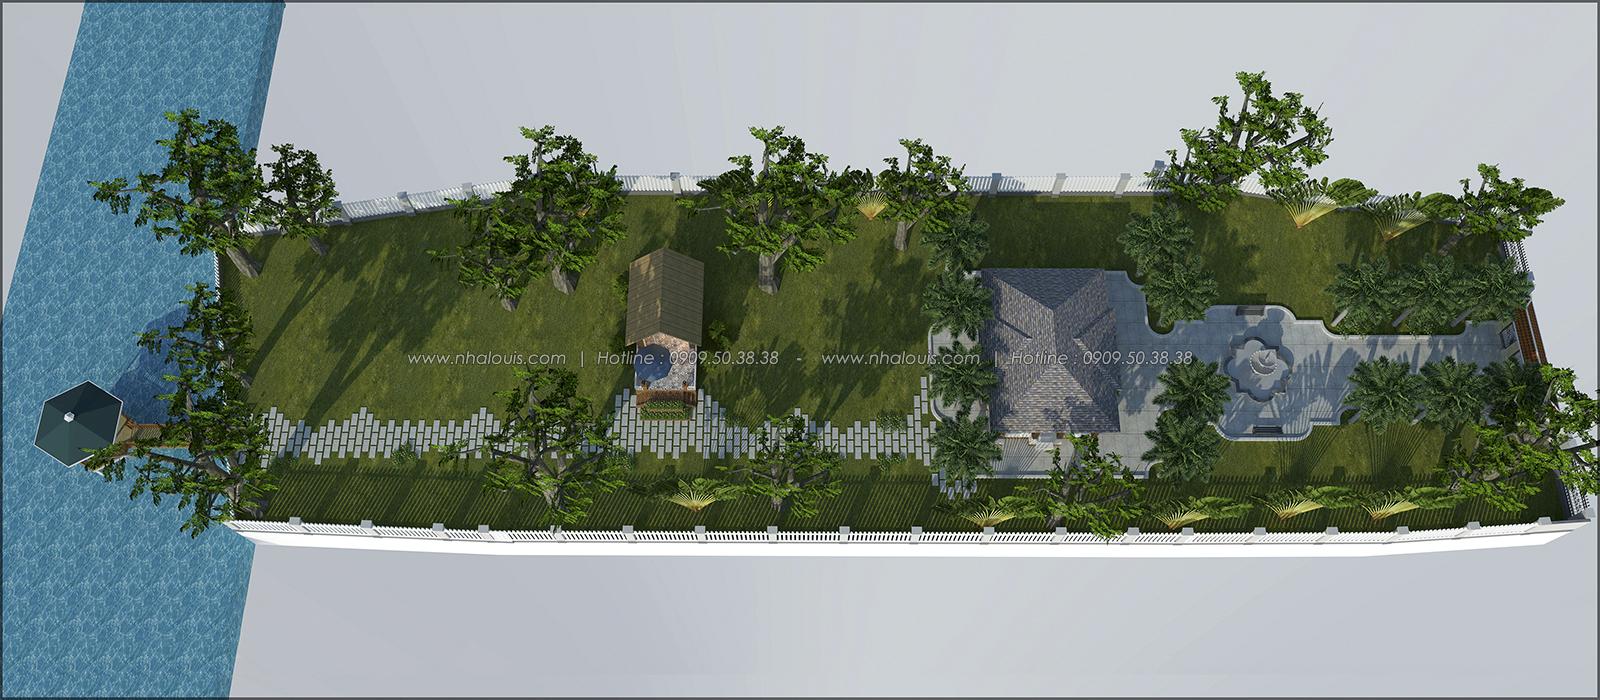 Mê mẩn với thiết kế nhà vườn đẹp xanh mát tại Bến Tre - 01